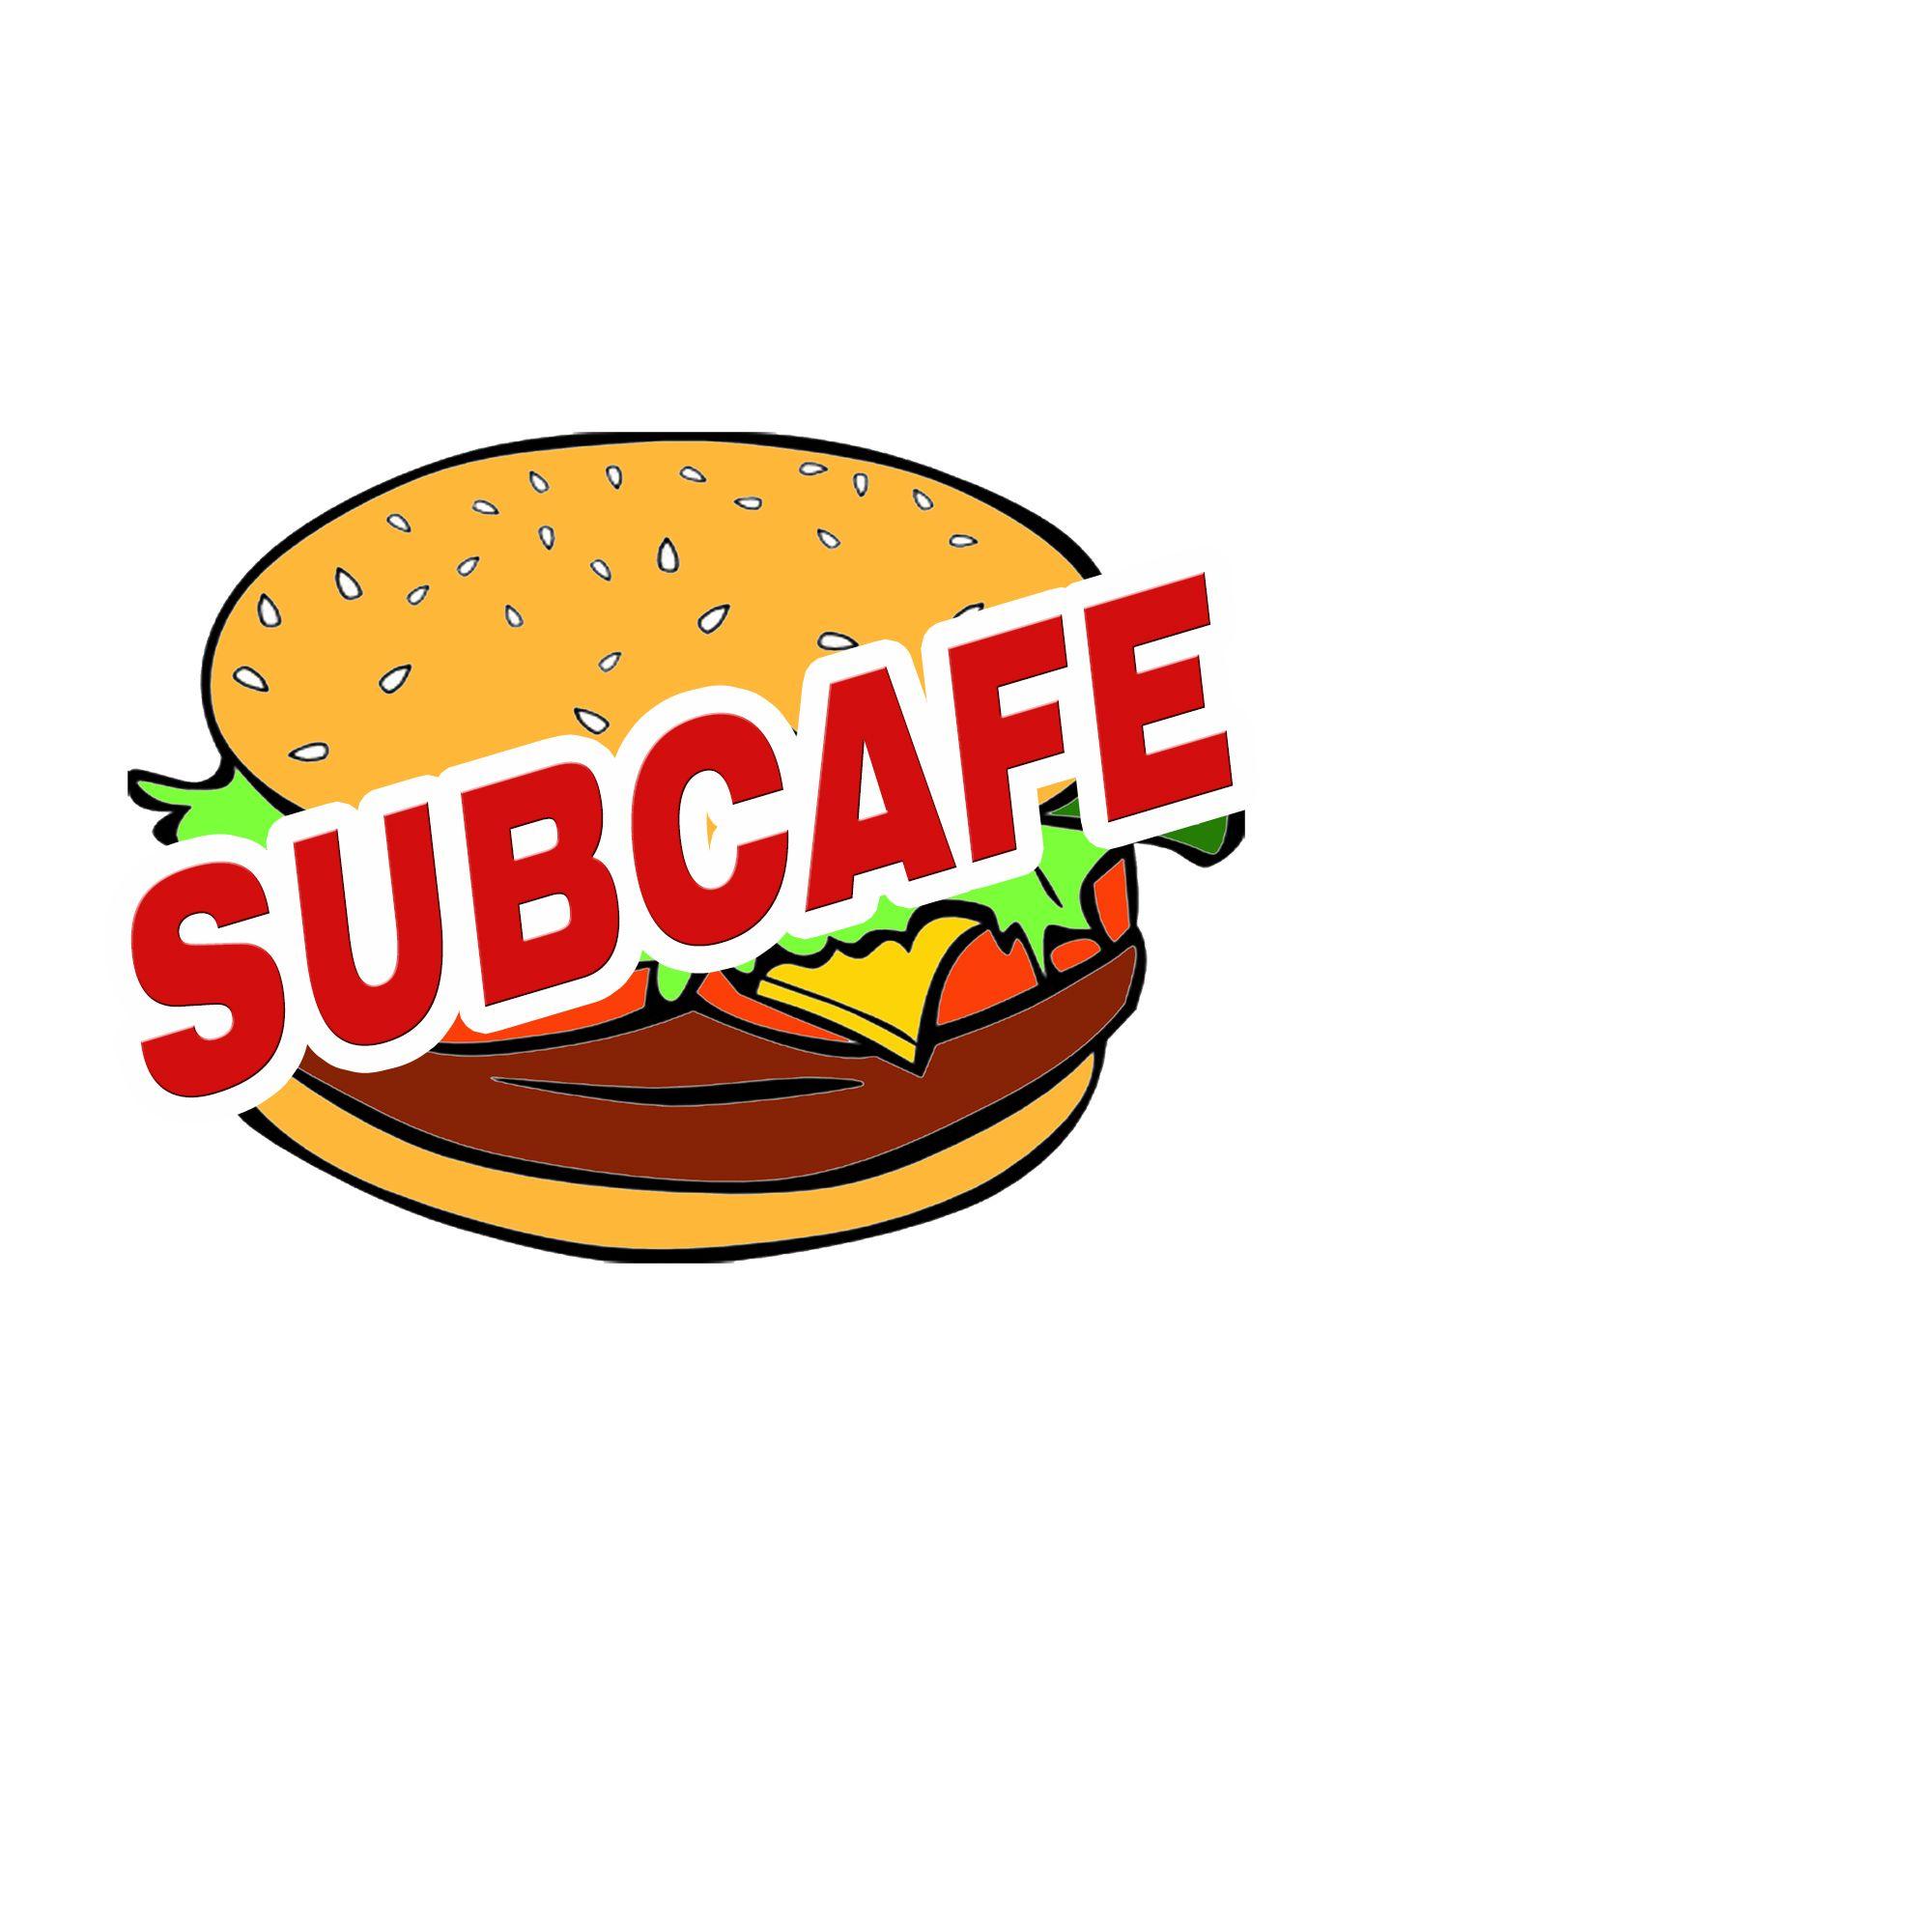 Кафе быстрого обслуживания (fast food) - дизайнер Andrey_Kuzmin84